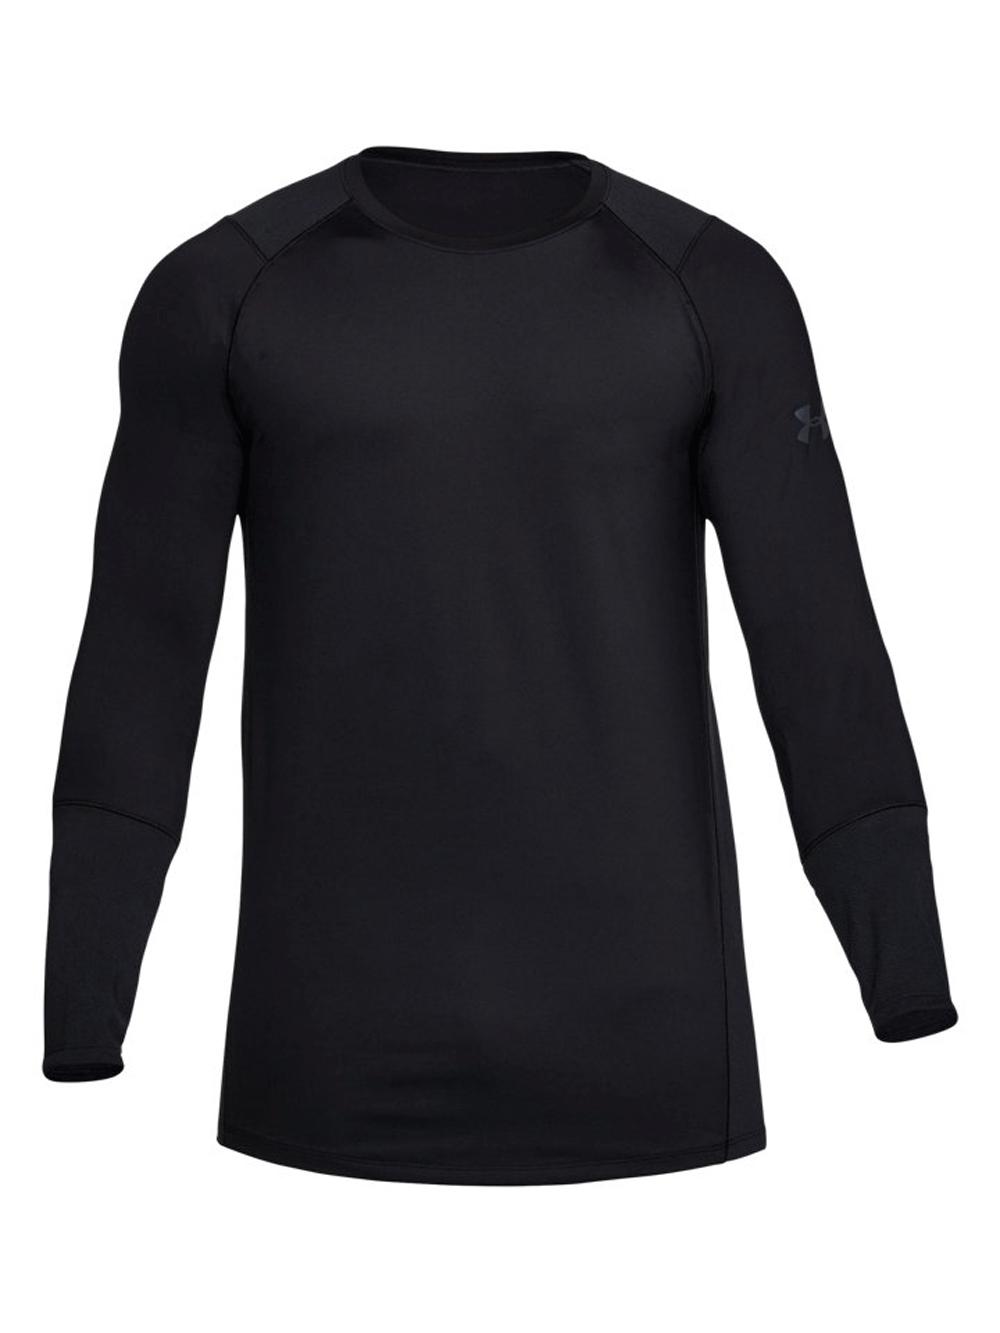 חולצת אימון אנדר ארמור שרוול ארוך לגבר Men's MK1 Long Sleeve 1306431-001 Under Armour